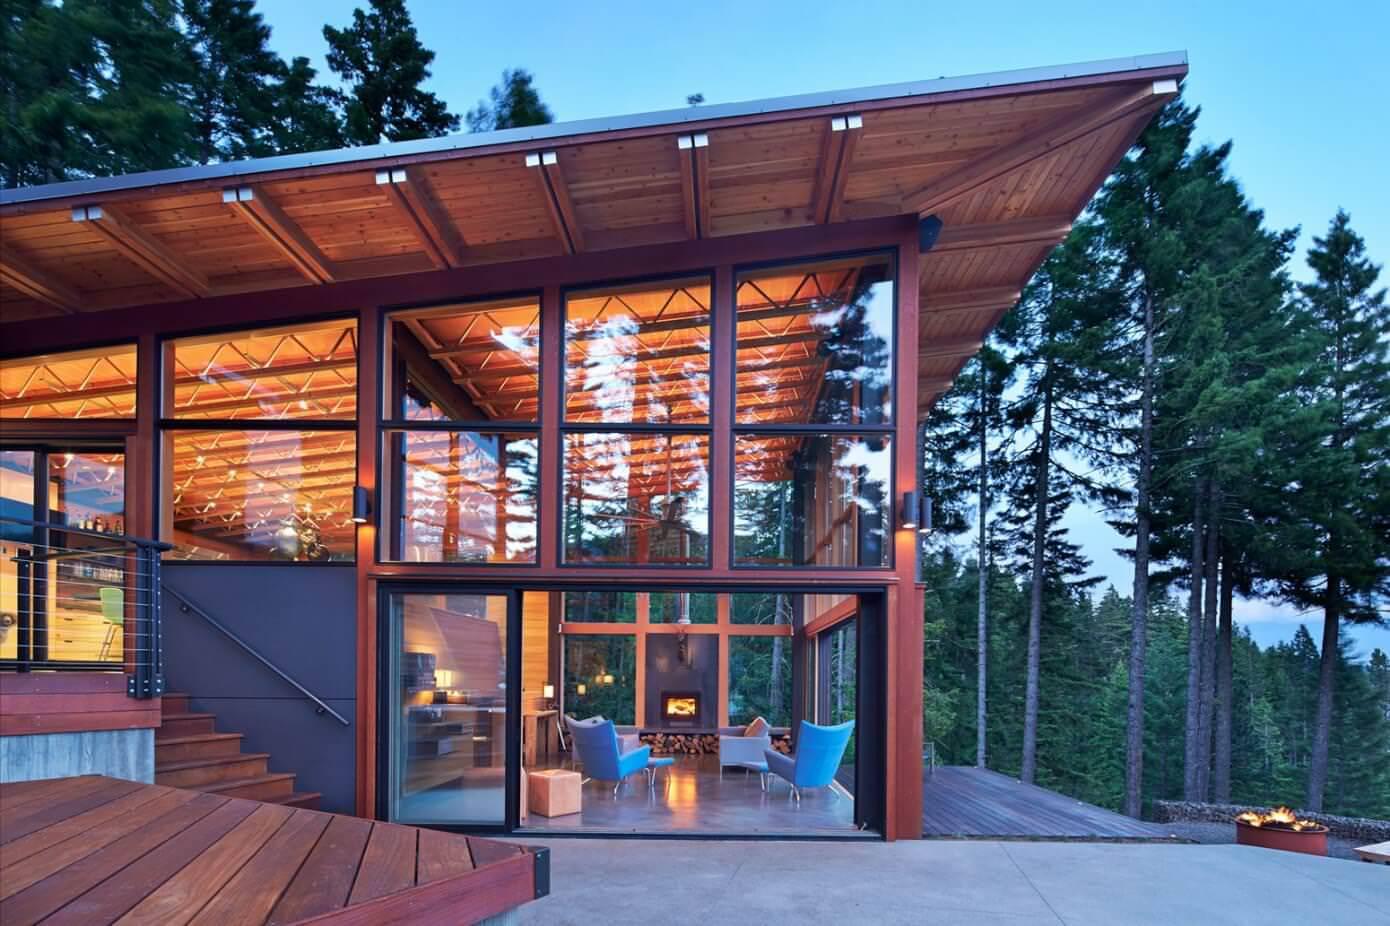 всех классически красивые дома с витражными окнами фото умняшка, пусть тебе